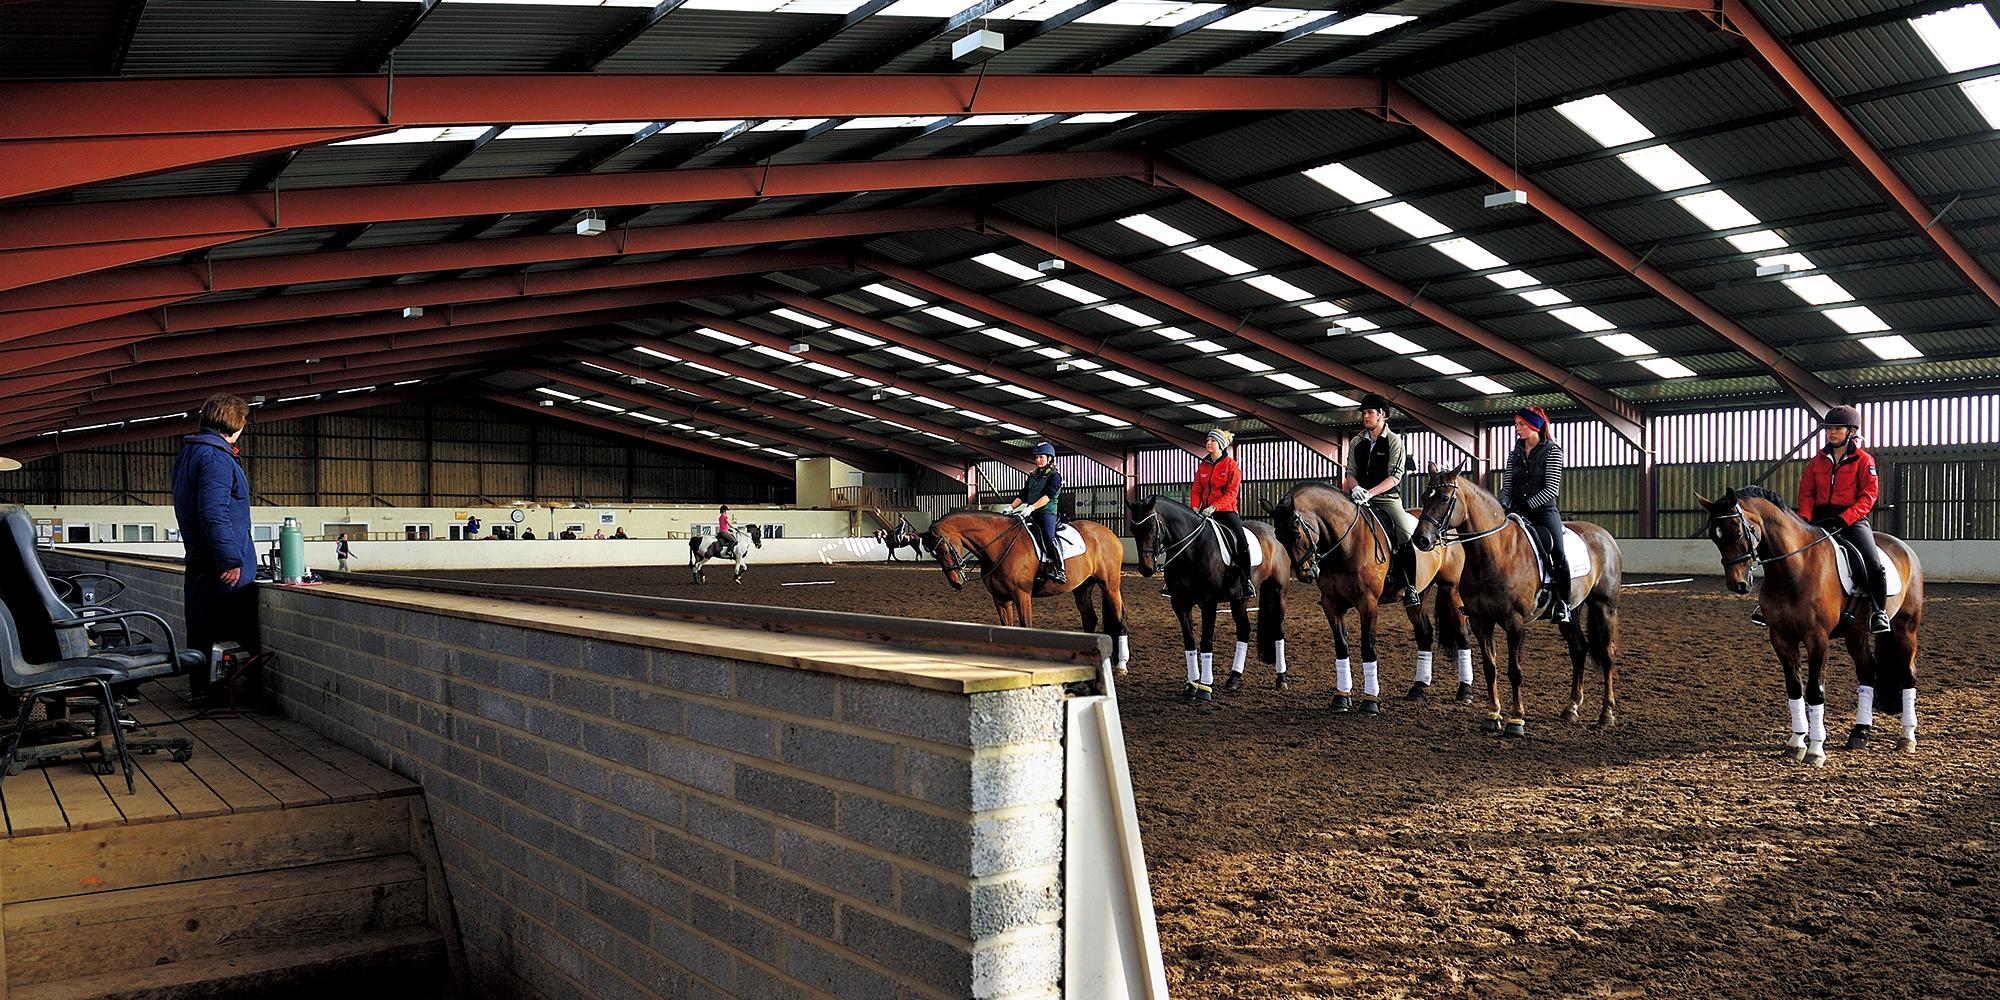 憧れの英国乗馬を学ぶ 01_ターランド乗馬学校